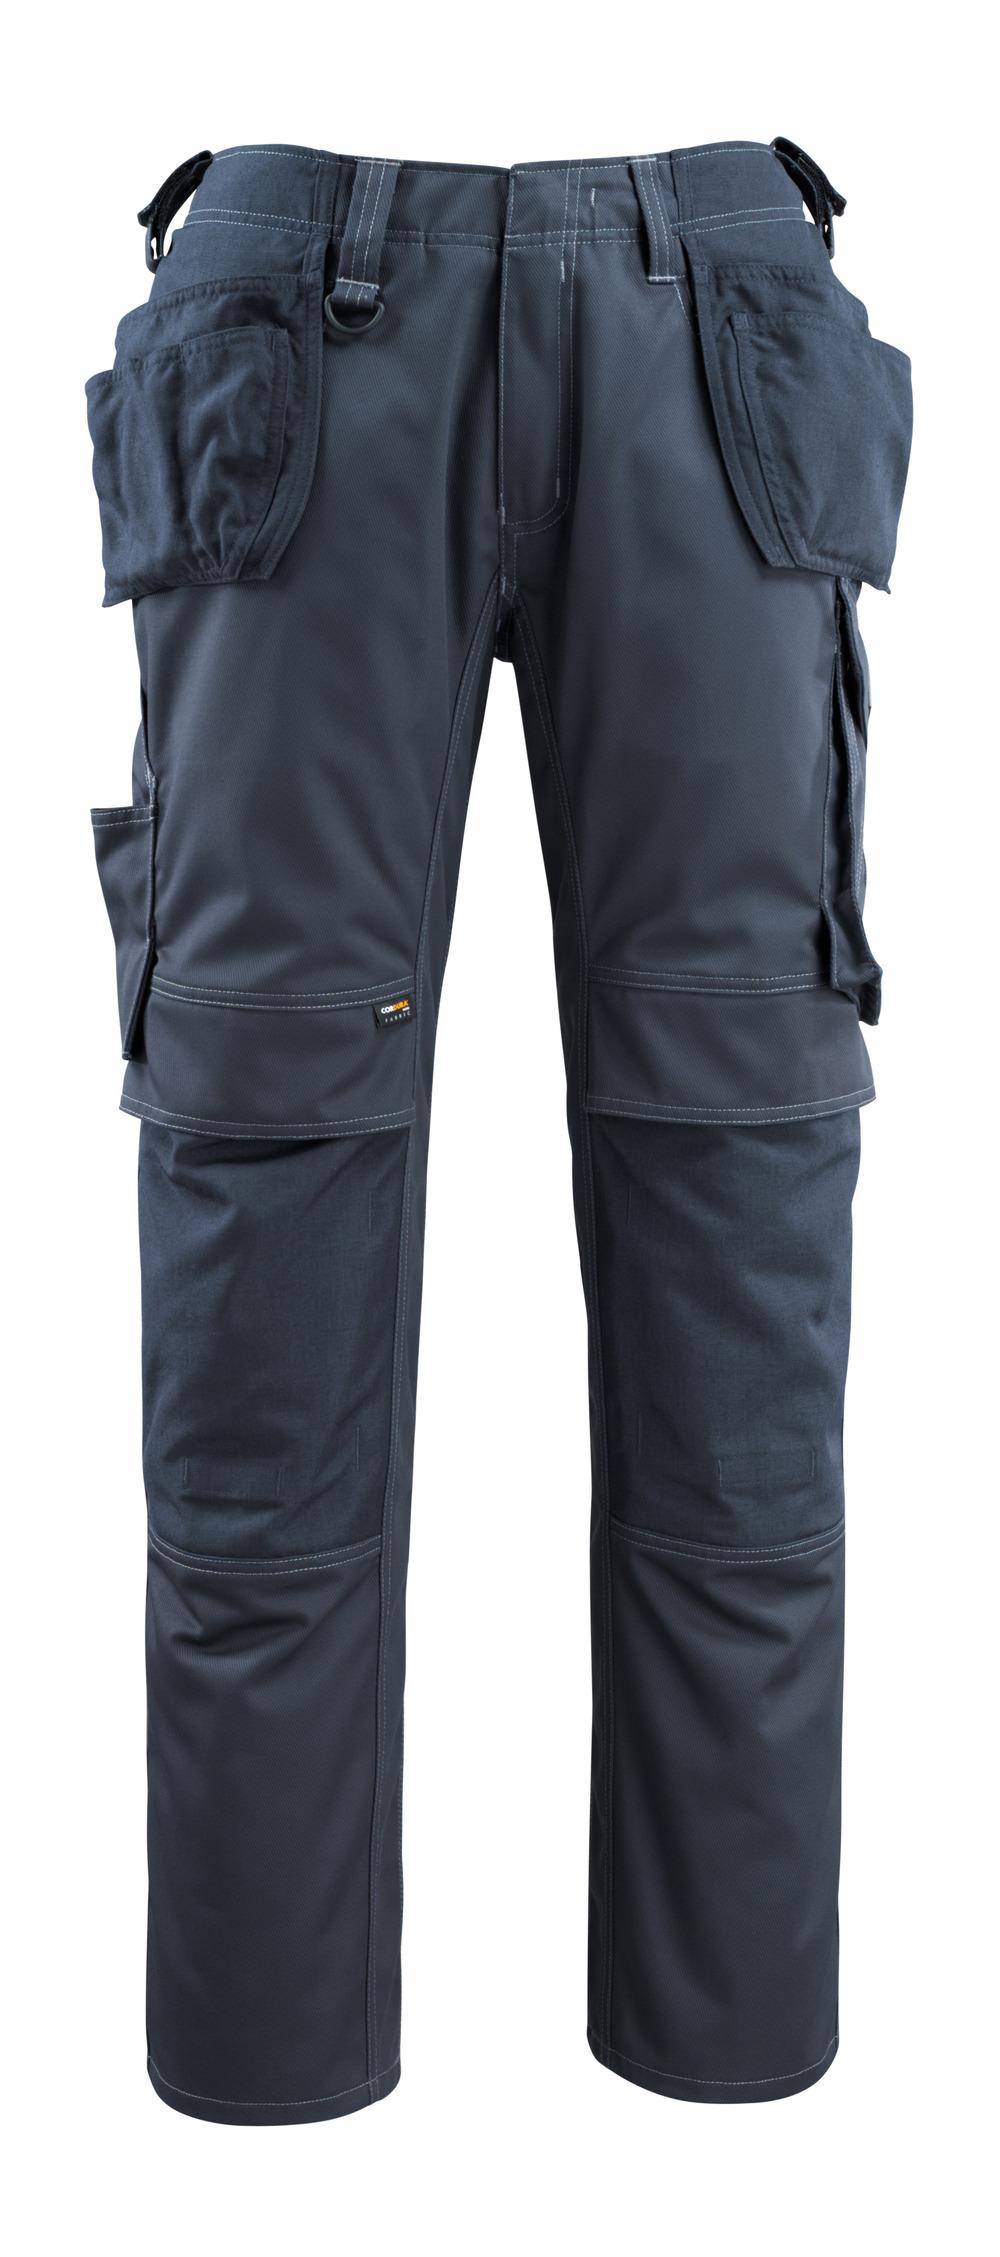 14131-203-010 Bukser med kne- og hengelommer - mørk marine